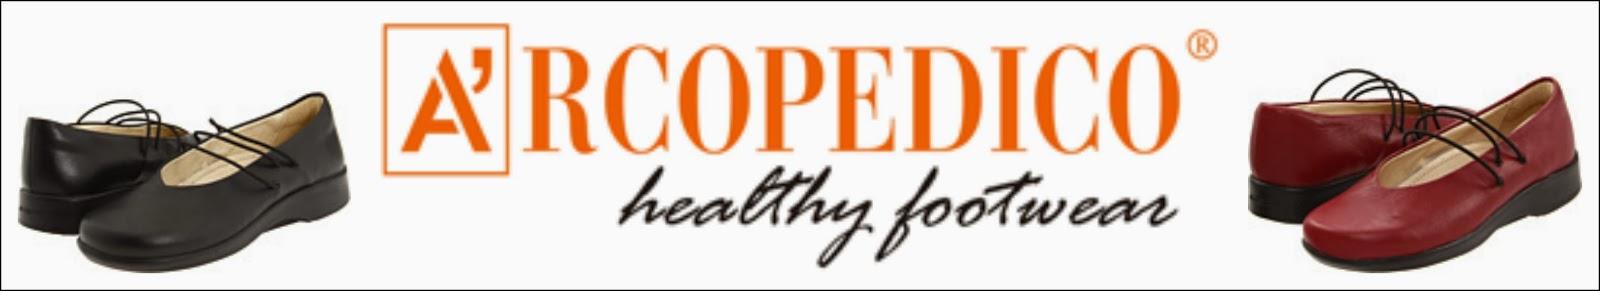 A'rcopedico Logo